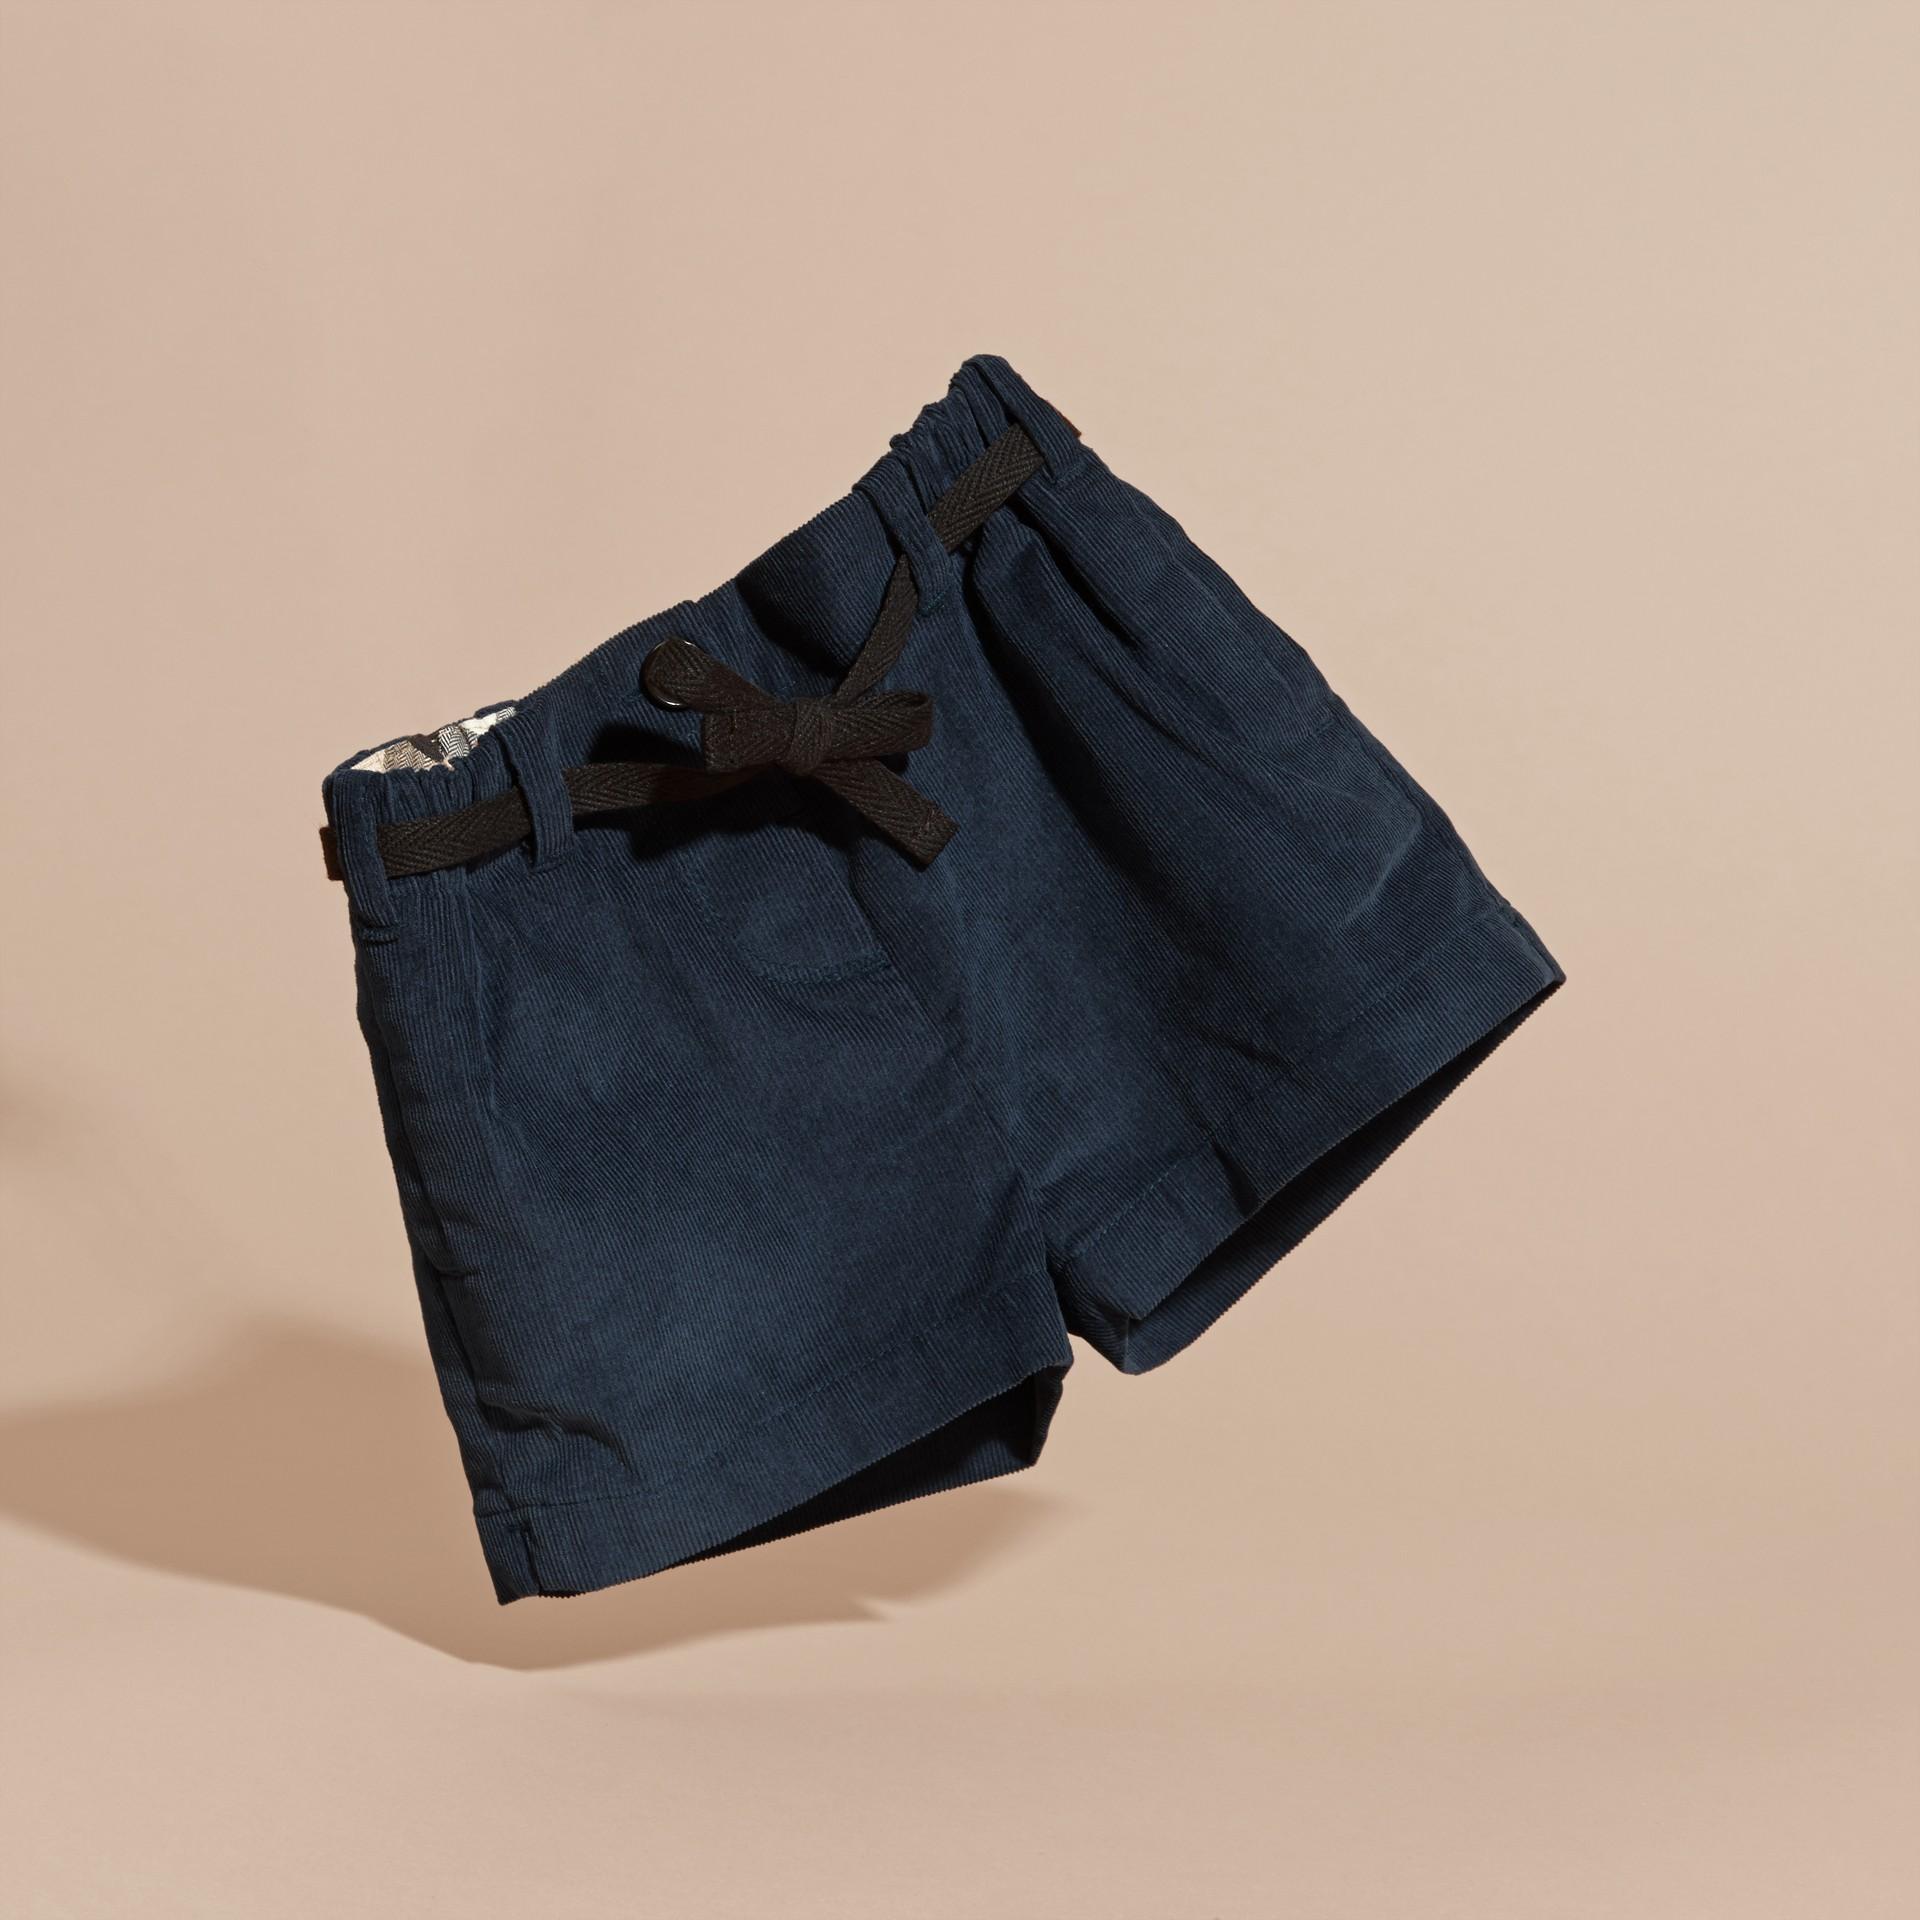 Bleu canard intense Short en velours côtelé de coton avec ceinture - photo de la galerie 3